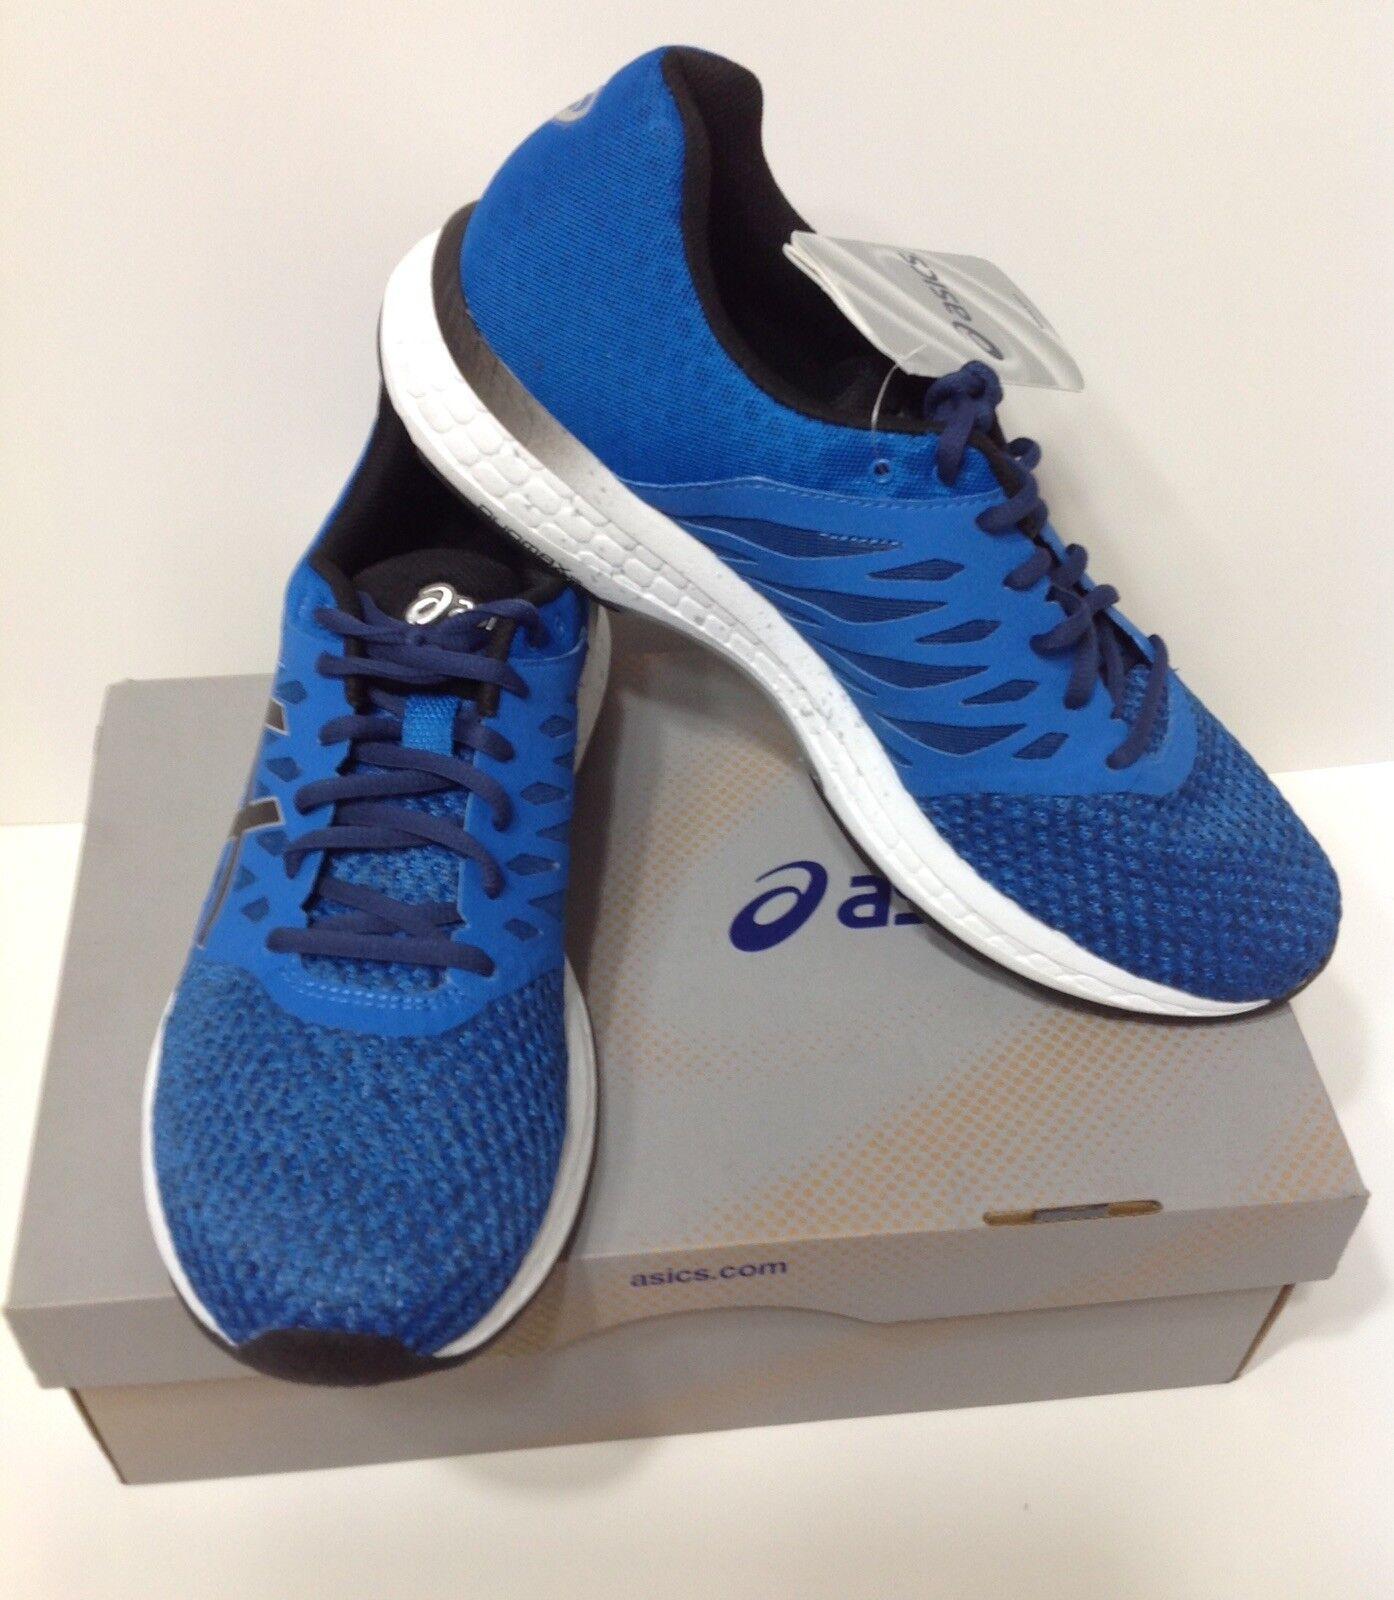 a43a0f45e11c ASICS T7e0n 4390 GEL Exalt 4 Directoire Blue Men s Running Shoes ...